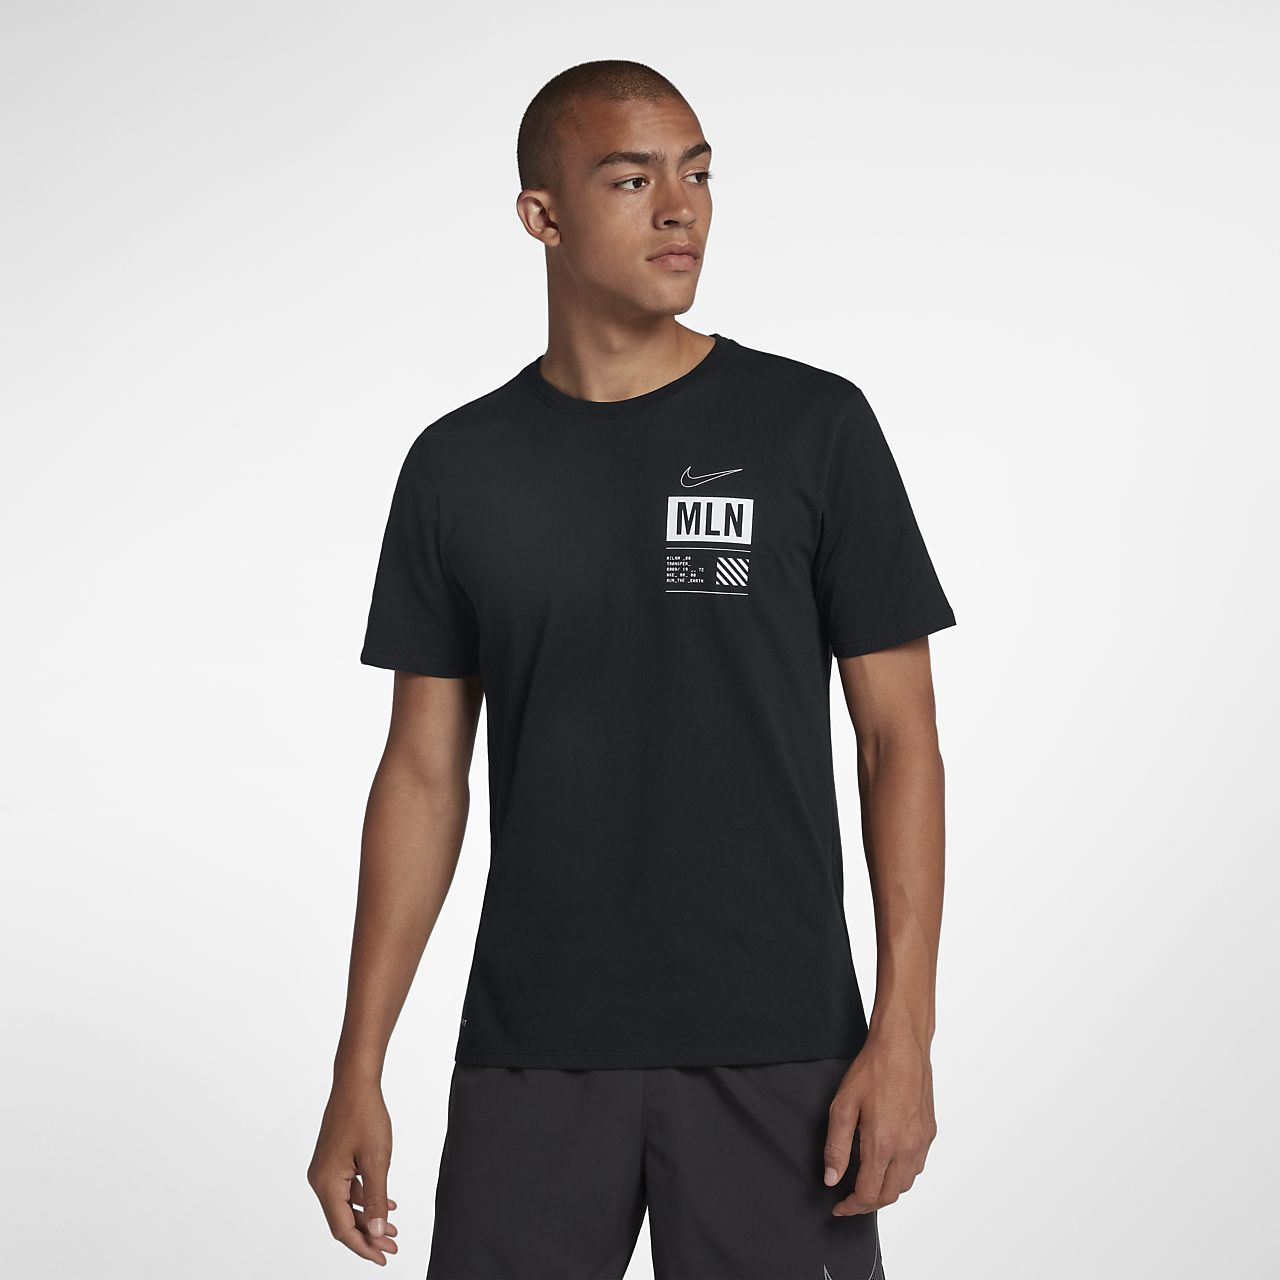 Nike Dri-FIT (Milan) Men's Running T-Shirt